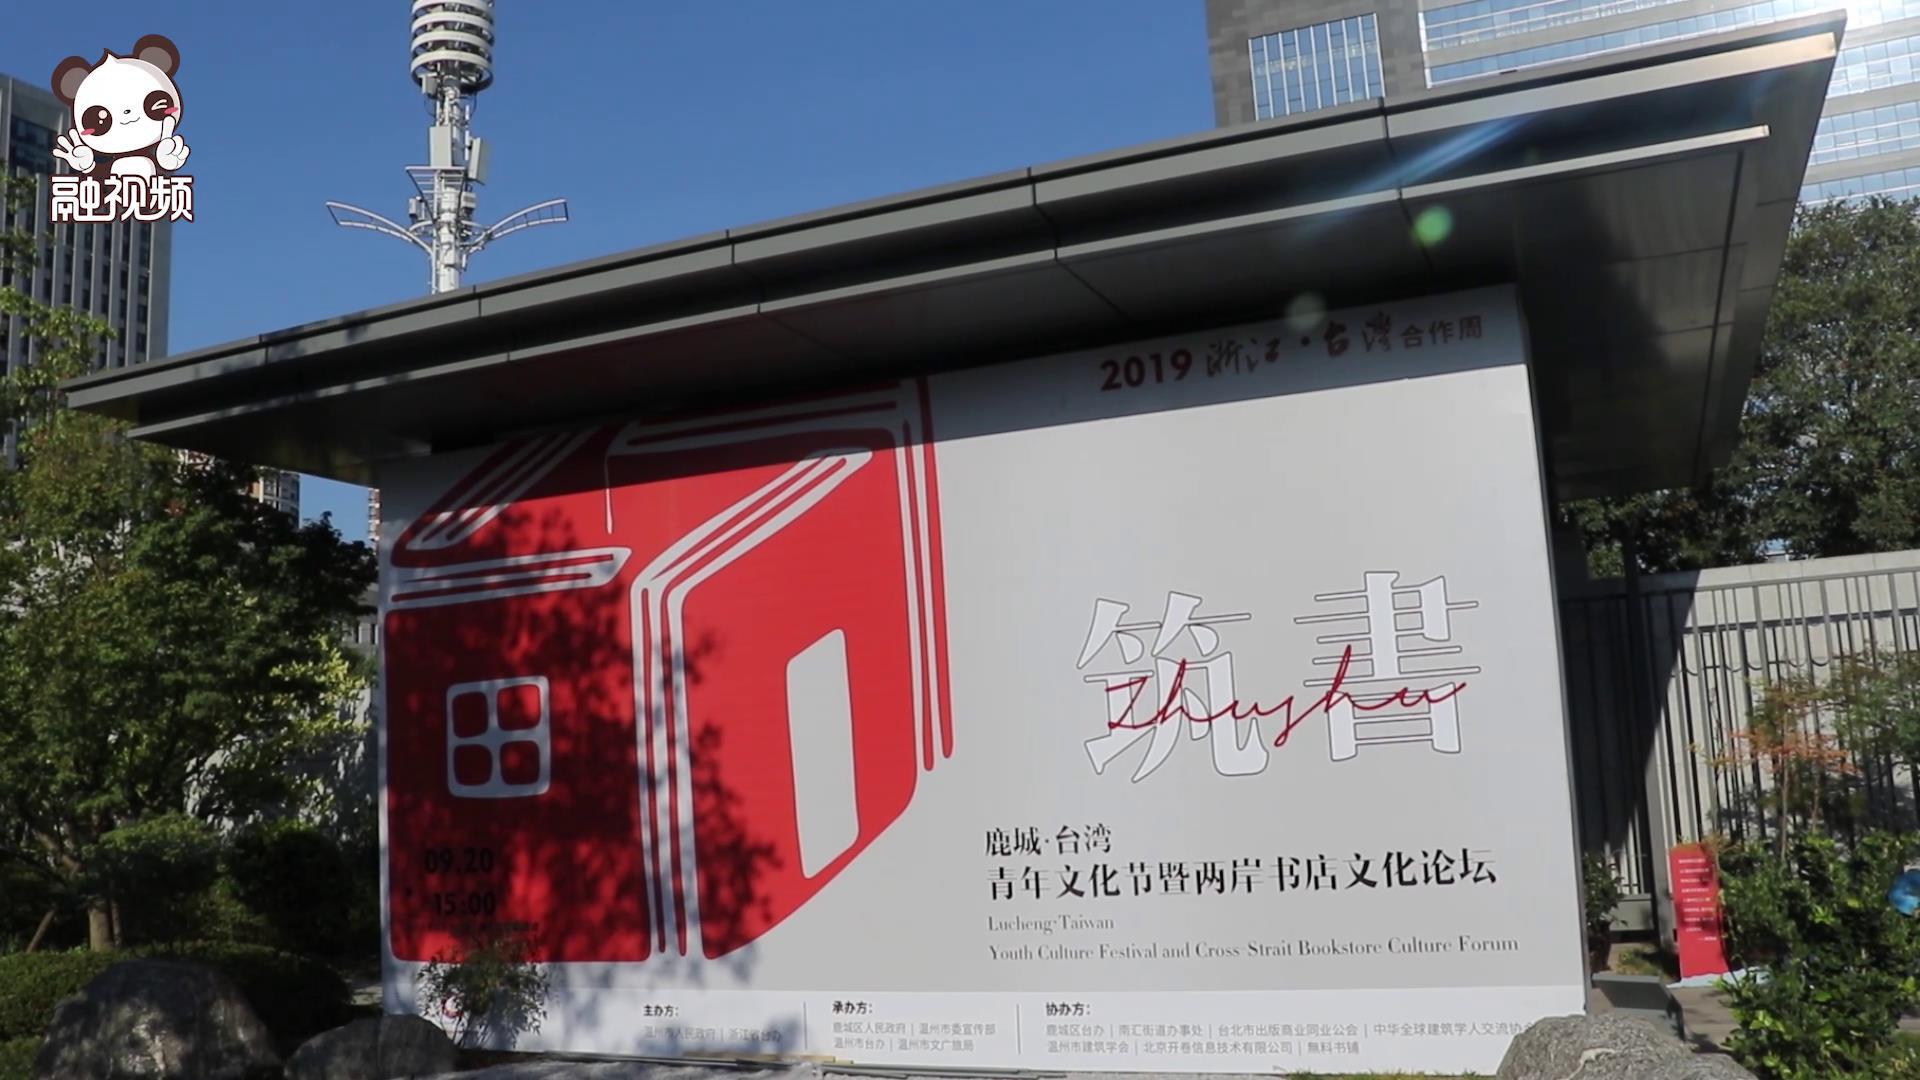 鹿城·台湾青年文化节暨两岸书店文化论坛图片